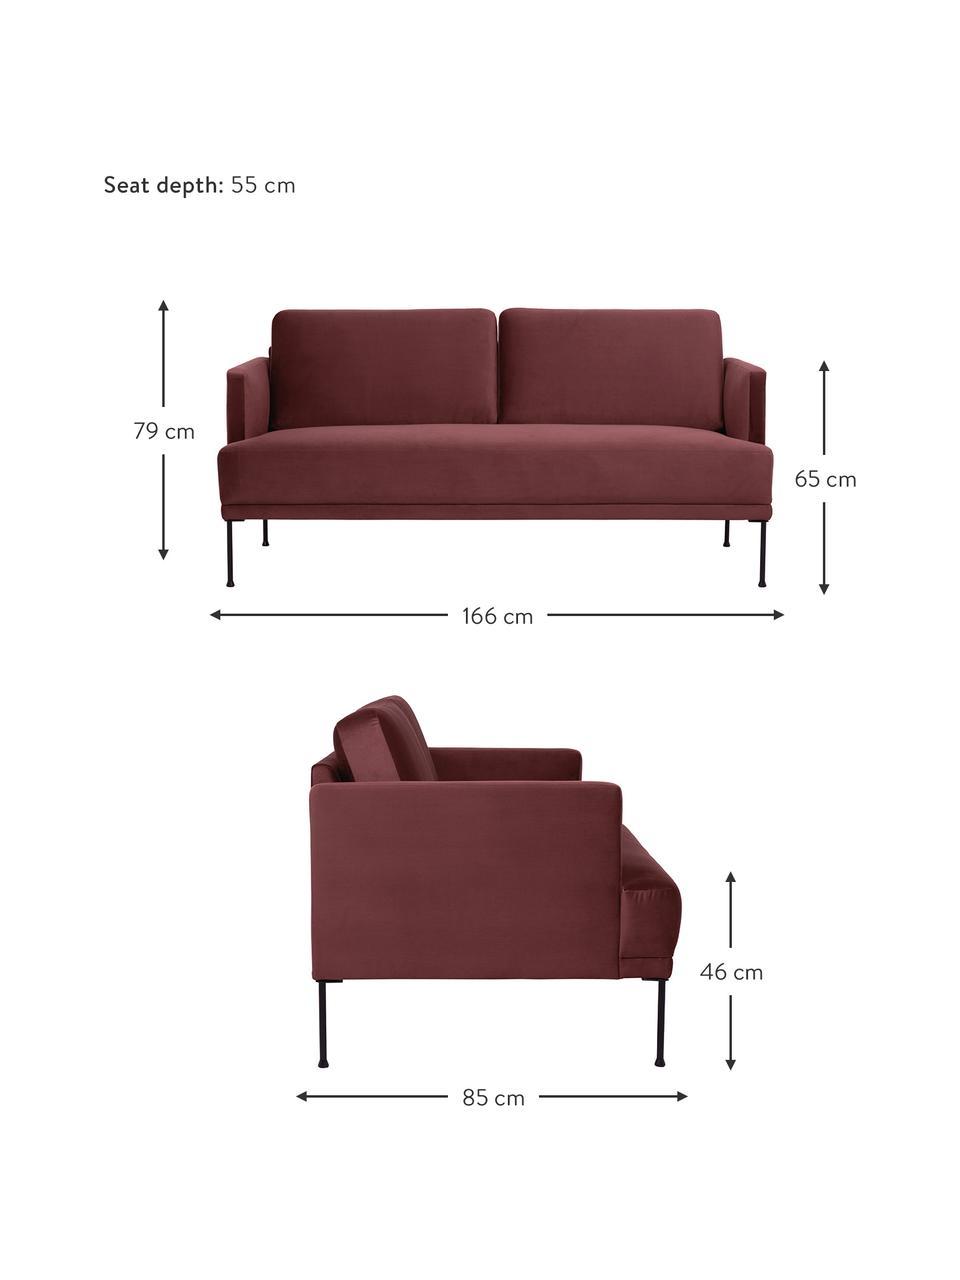 Samt-Sofa Fluente (2-Sitzer) in Rostrot mit Metall-Füßen, Bezug: Samt (Hochwertiger Polyes, Gestell: Massives Kiefernholz, Füße: Metall, pulverbeschichtet, Samt Rostrot, B 166 x T 85 cm